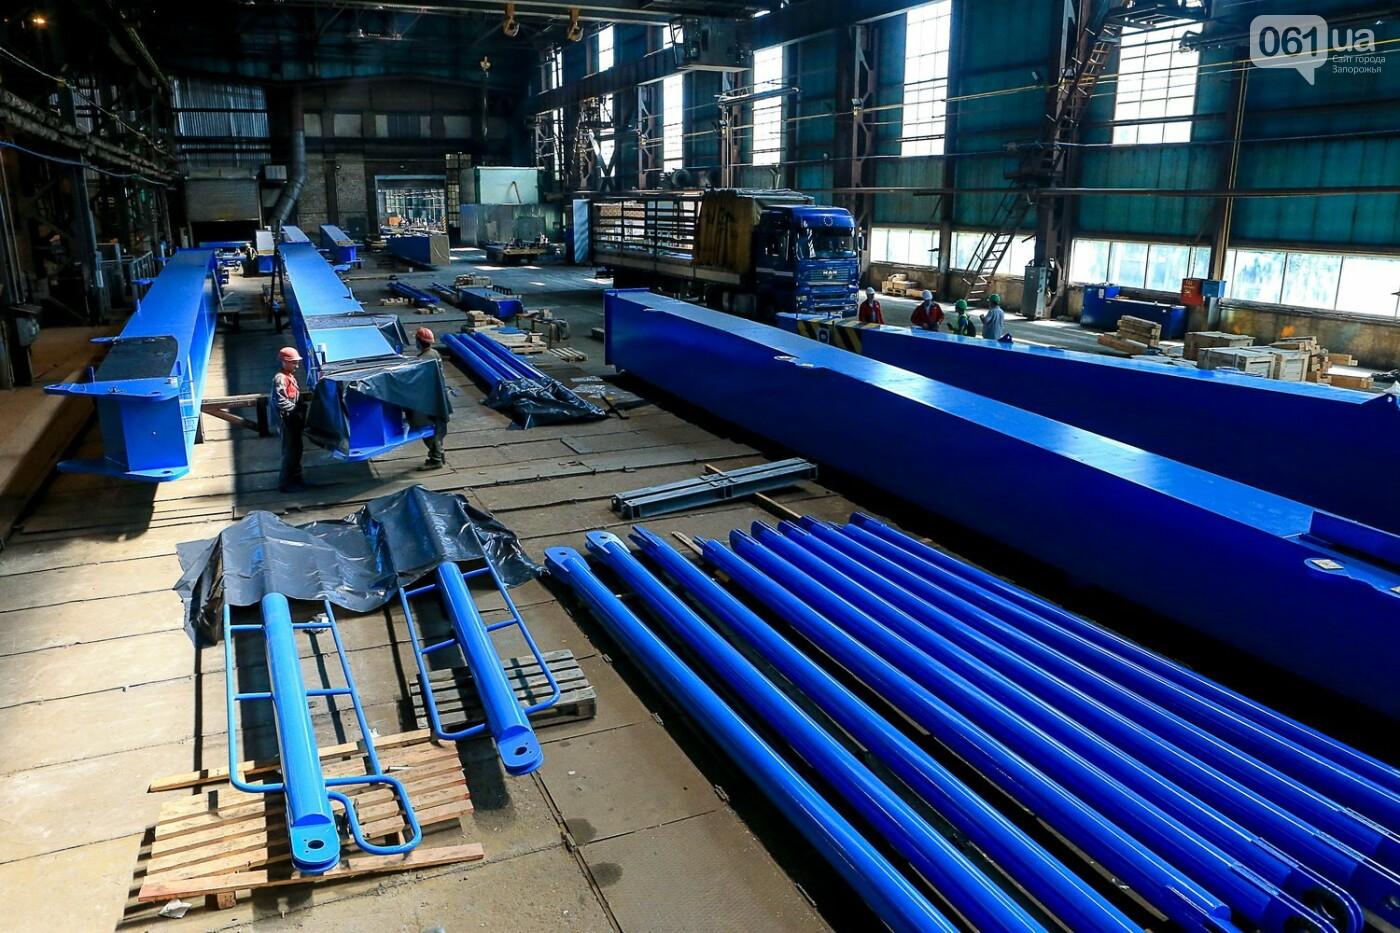 Как в Запорожье работает крупнейший в Европе завод по производству кранов: экскурсия на производство, — ФОТОРЕПОРТАЖ, фото-30